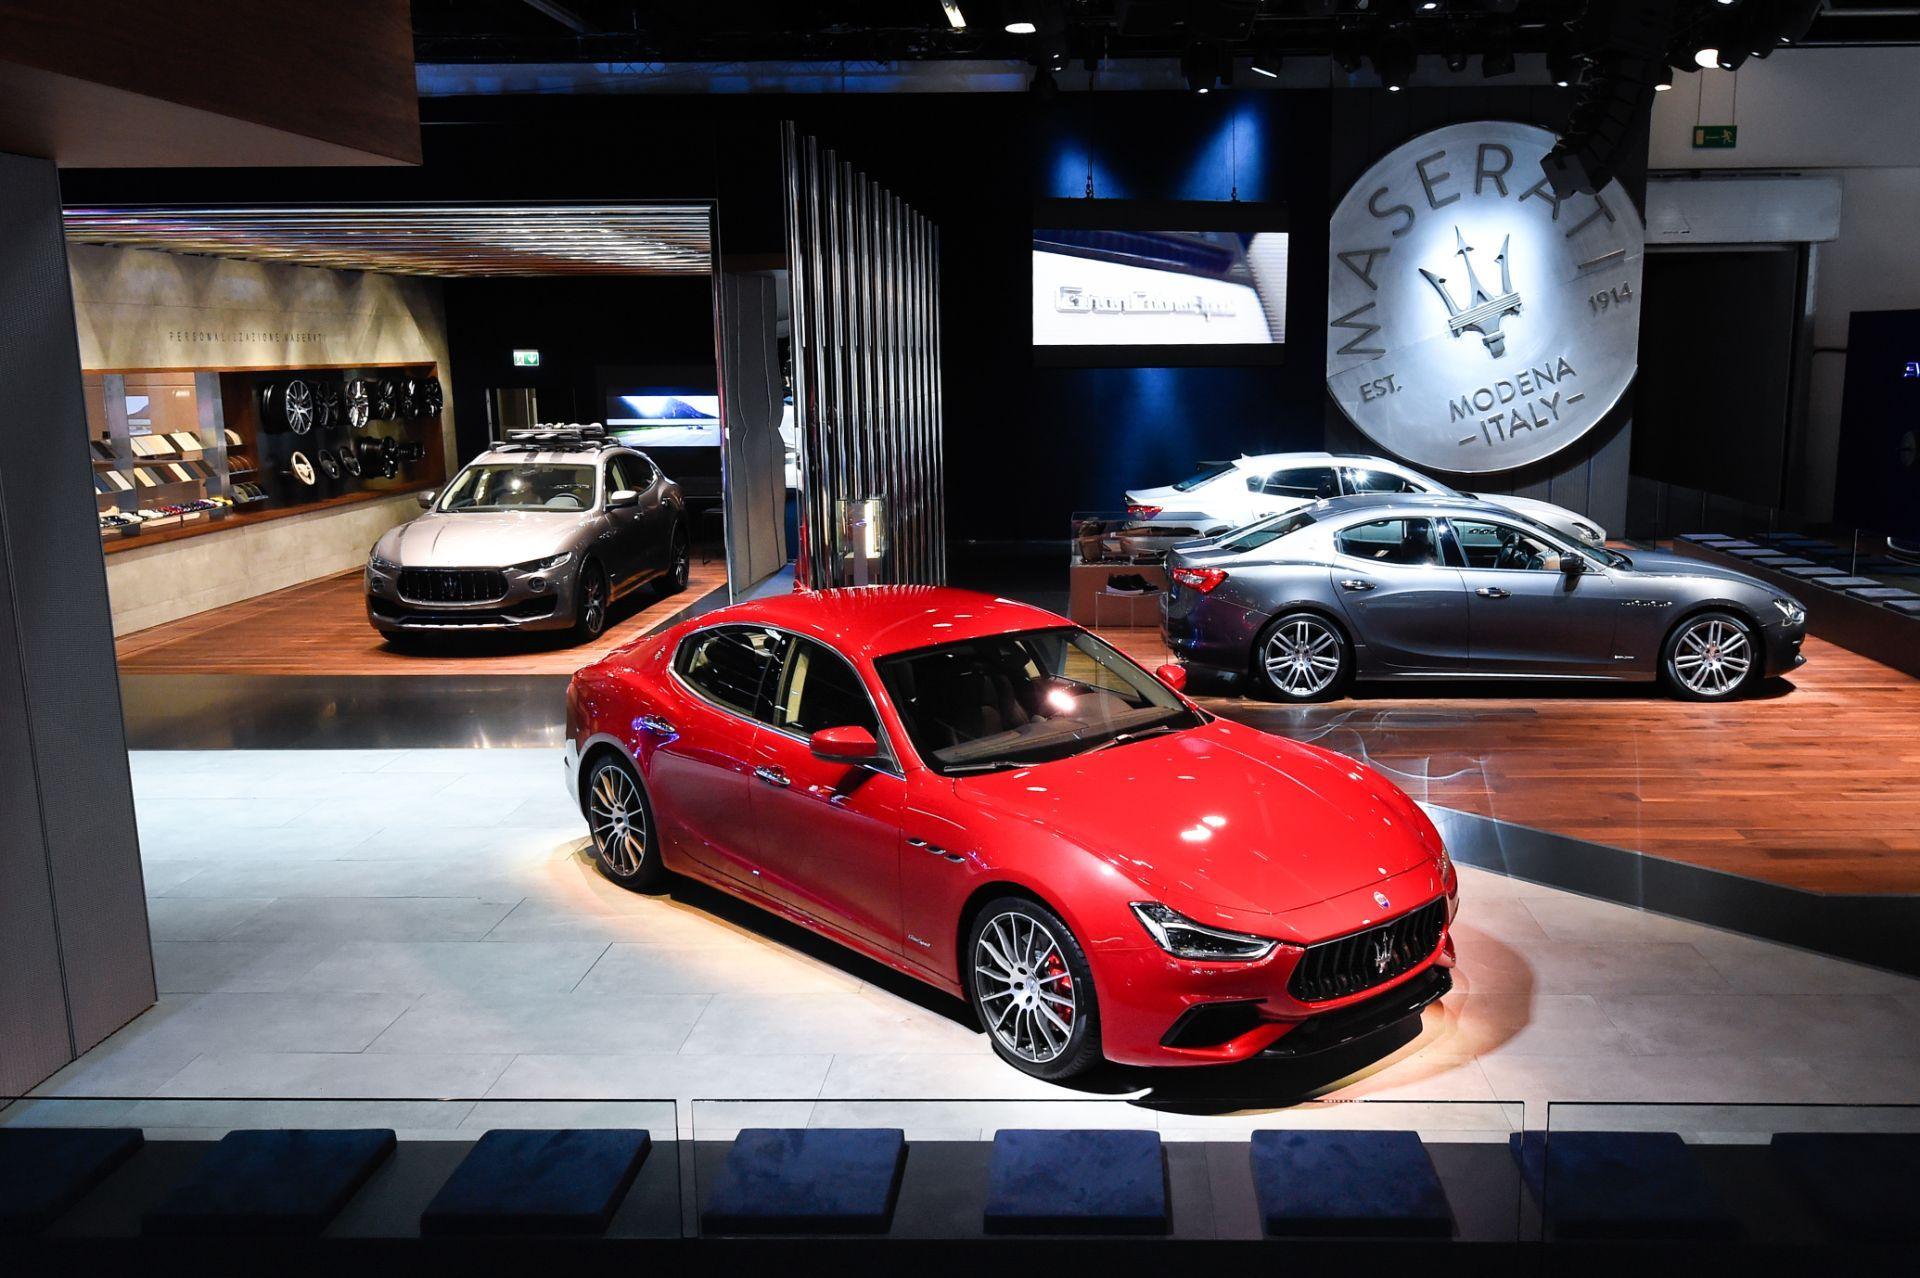 Maserati desvela el nuevo Ghibli y presenta los Levante, Quattroporte, GranTurismo y GranCabrio MY18 en el Salón de Frankfurt